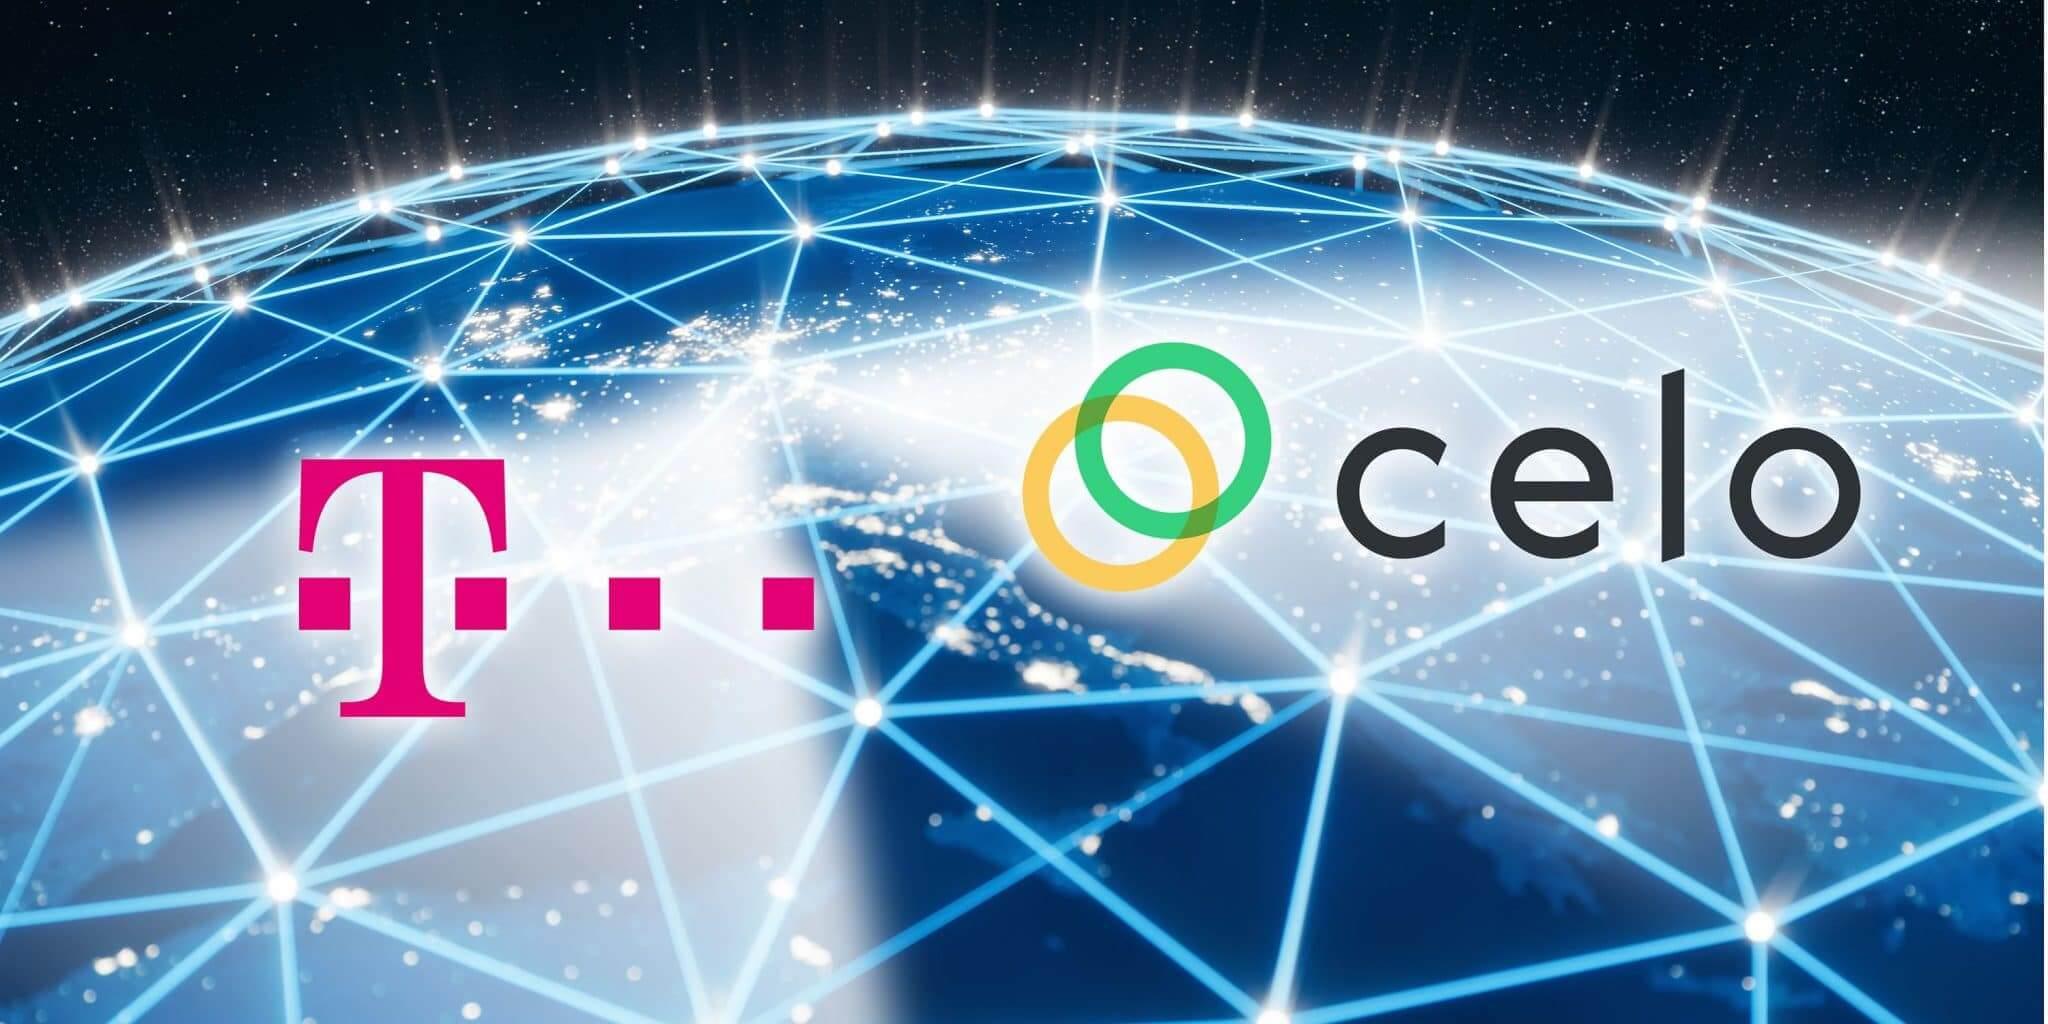 21.04.21 Jedna z najväčších telekomunikačných spoločností Deutsche Telekom investuje do mobilnej platformy Celo